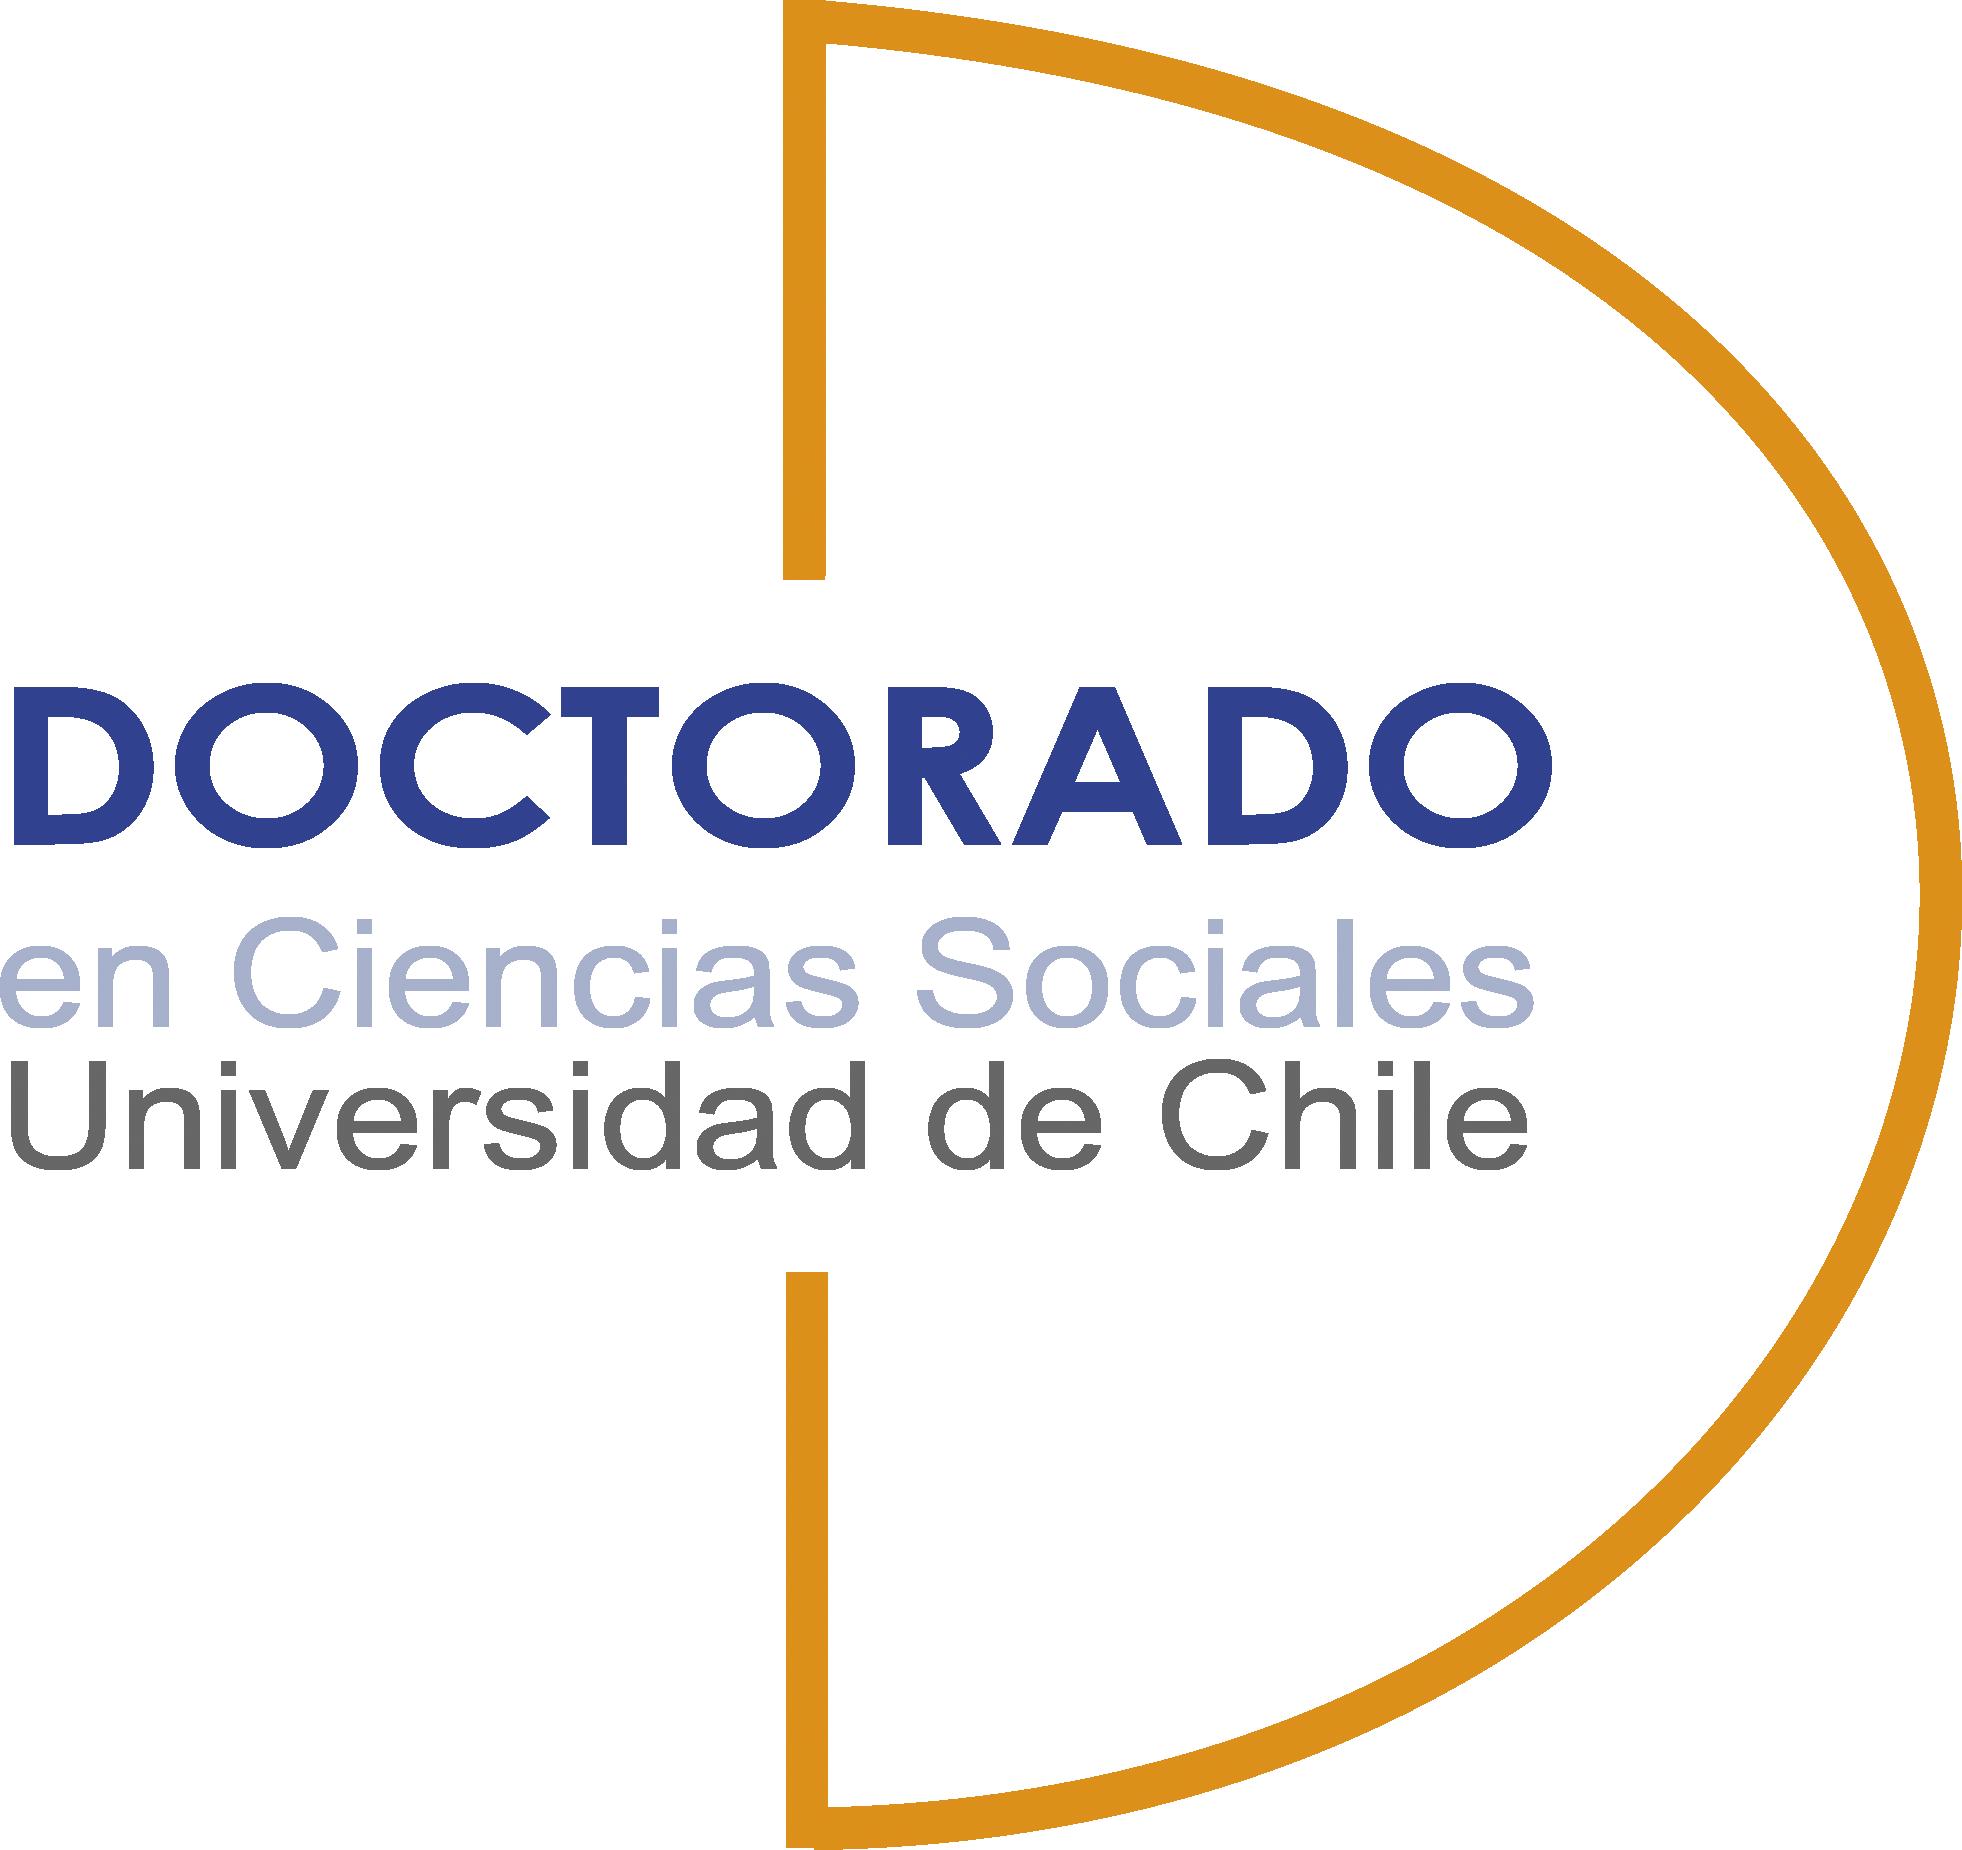 Logo Doctorado en Ciencias Sociales